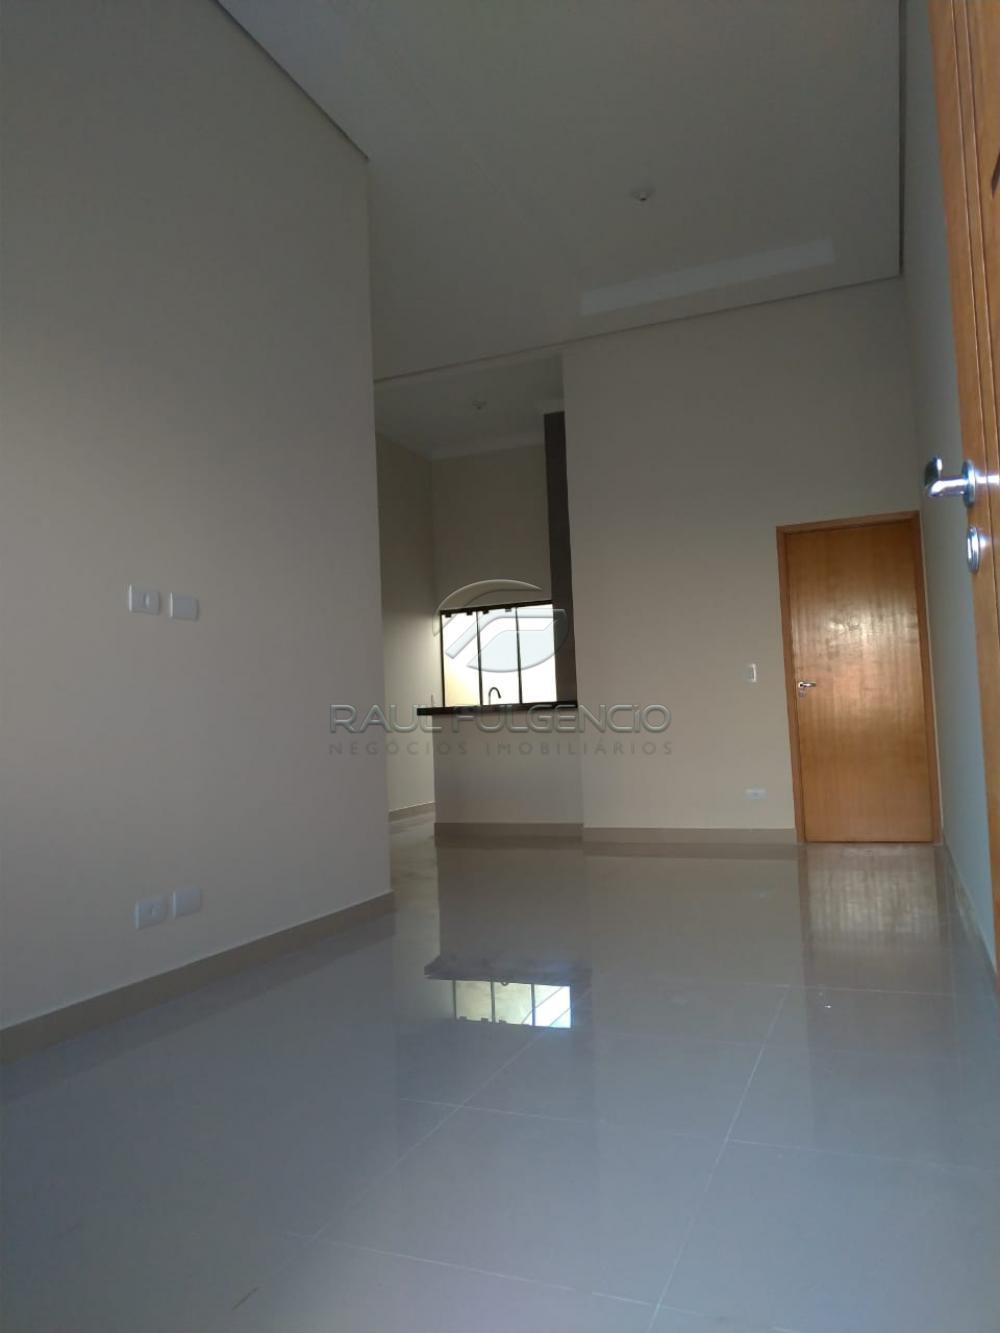 Comprar Casa / Térrea em Londrina apenas R$ 280.000,00 - Foto 5